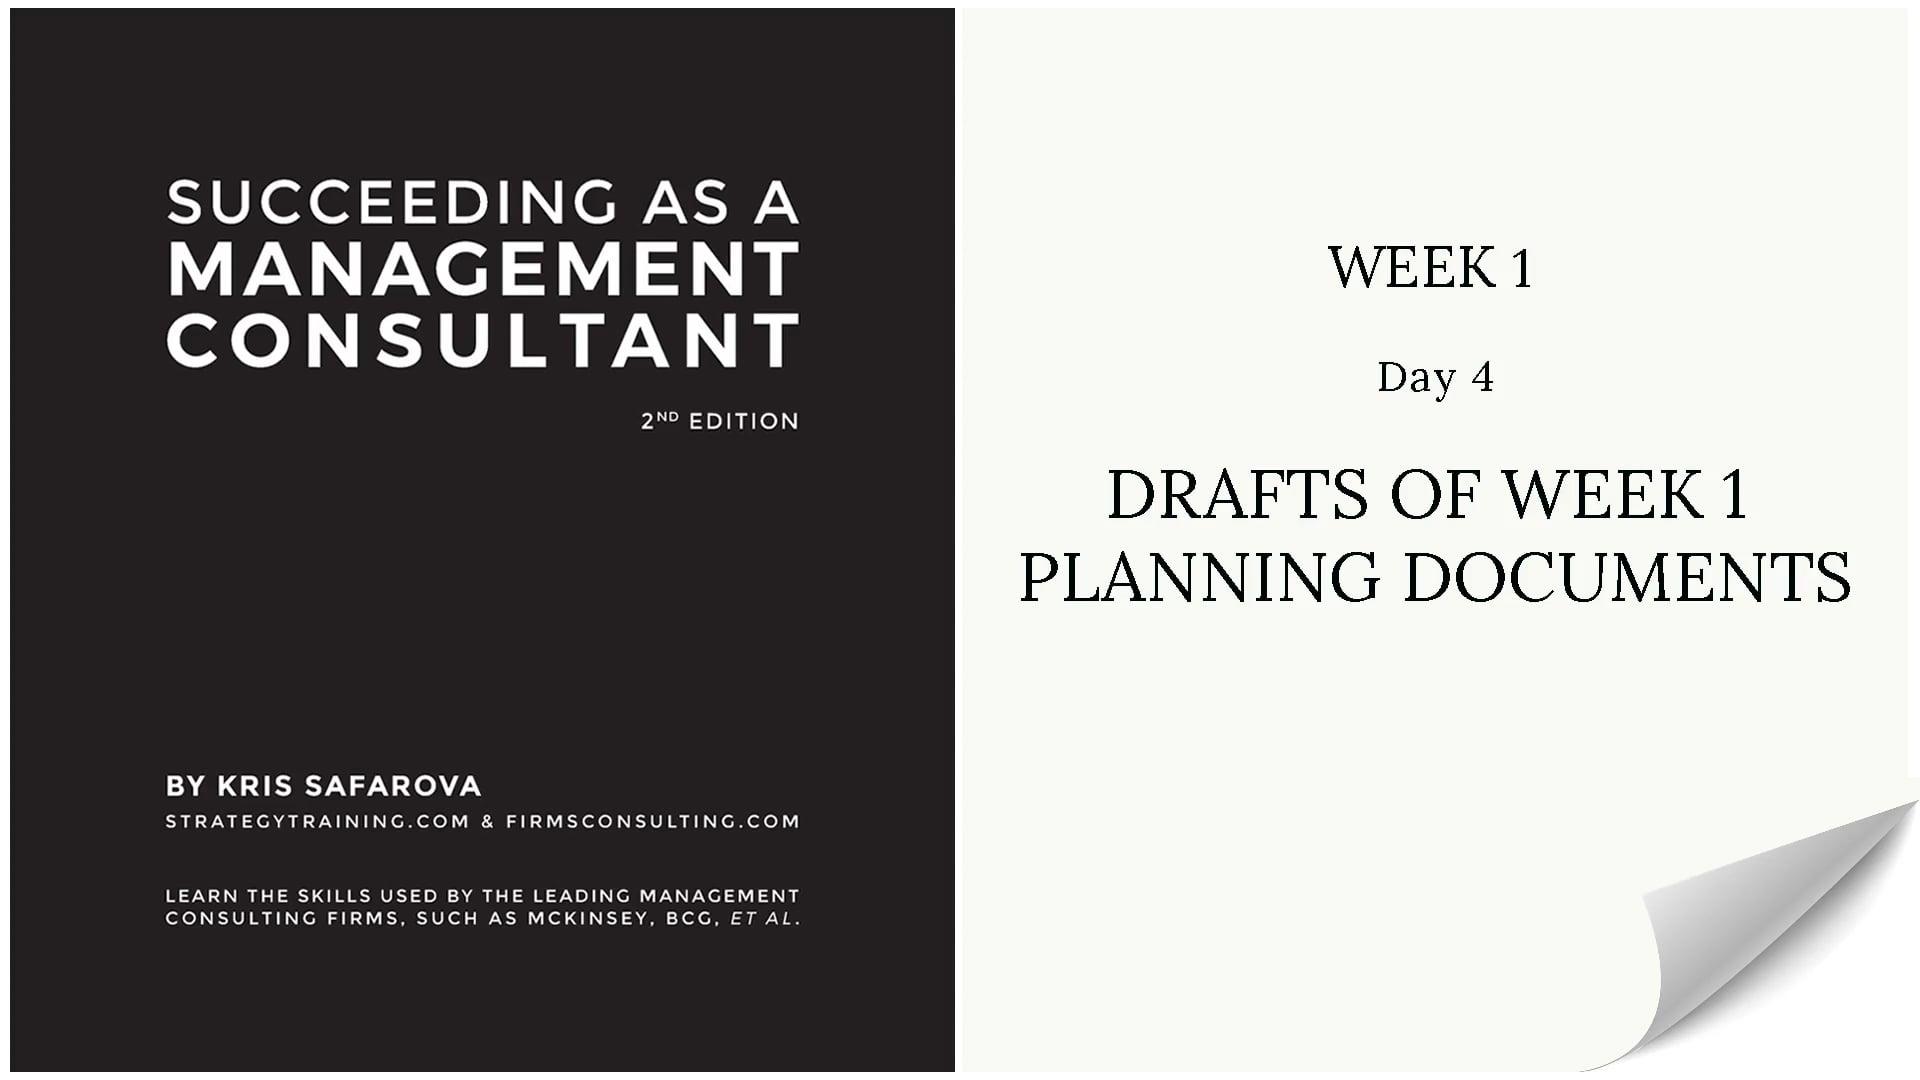 015 SAAMC Week 1 - Day 4 Drafts Of We...